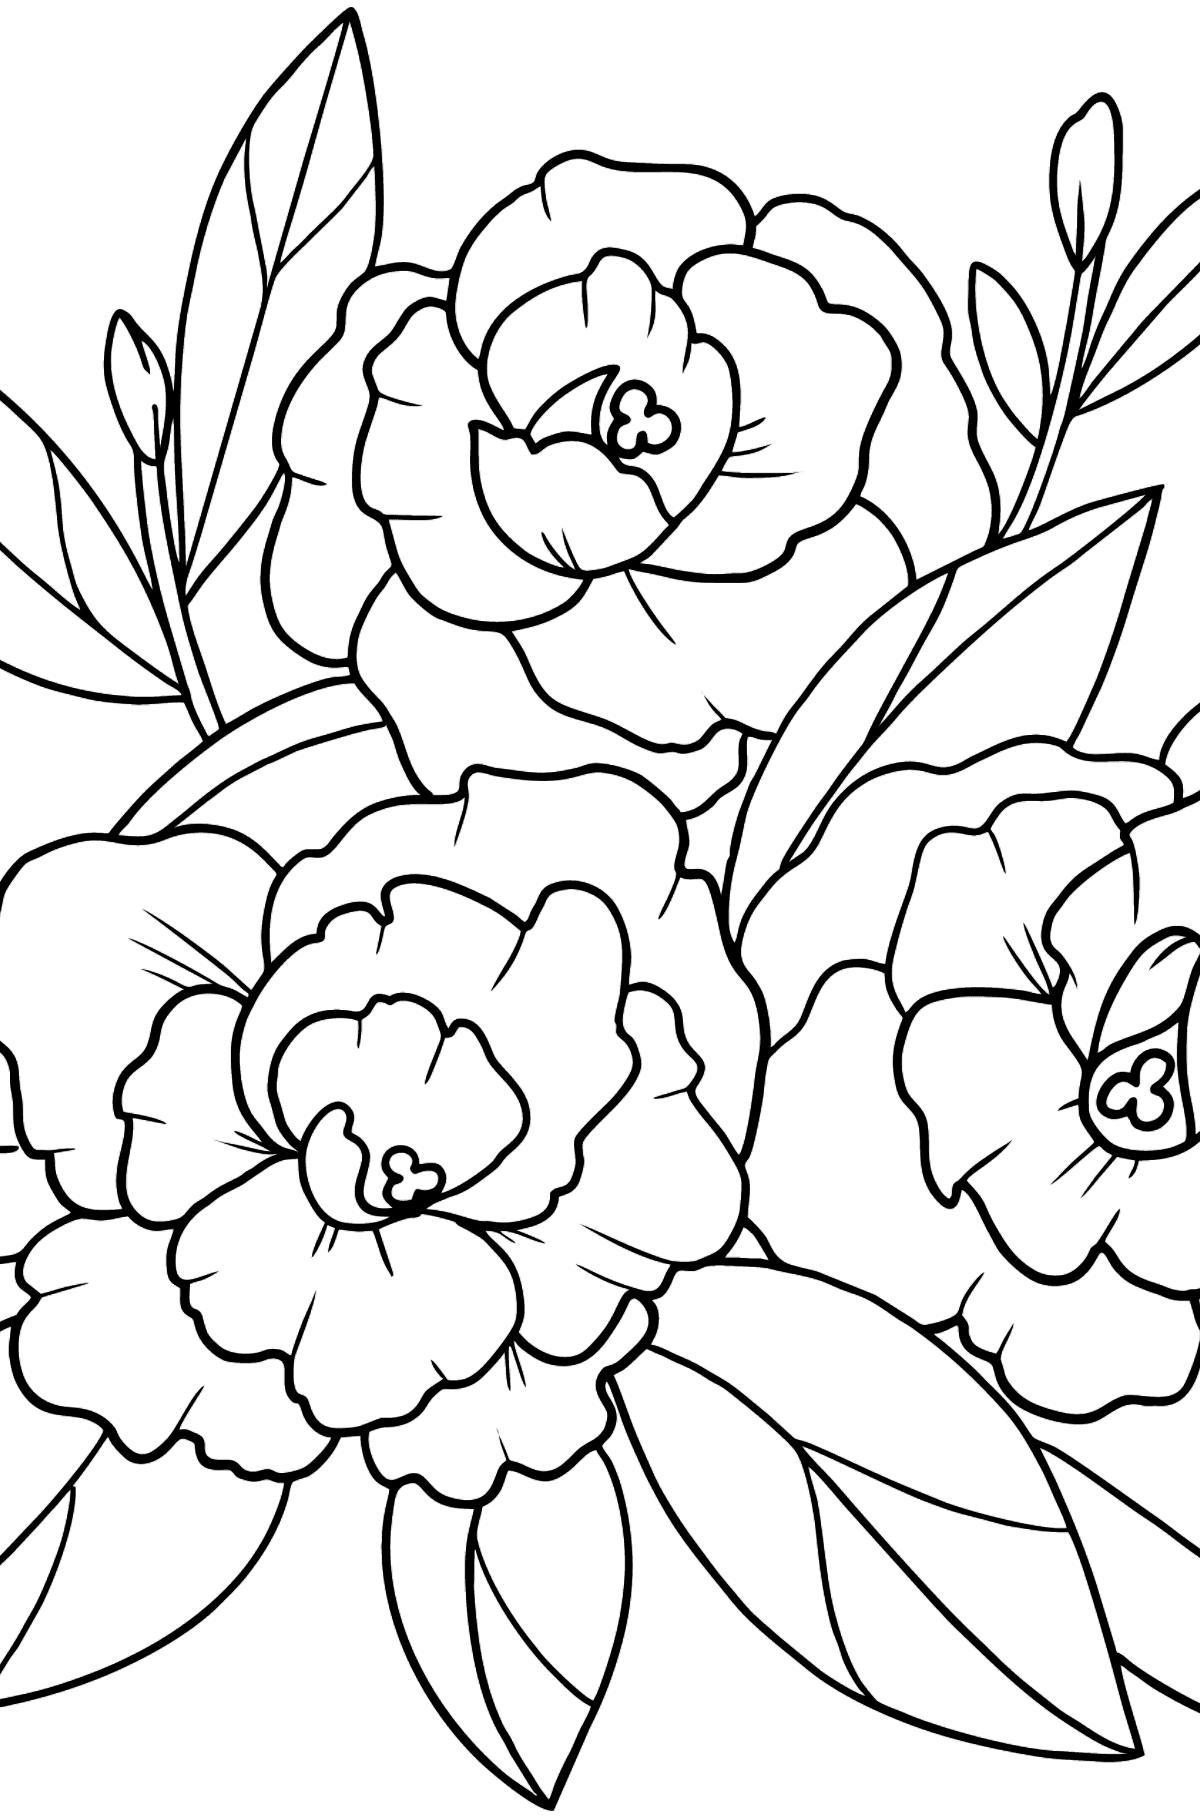 Раскраска Пион Цветы - Картинки для Детей